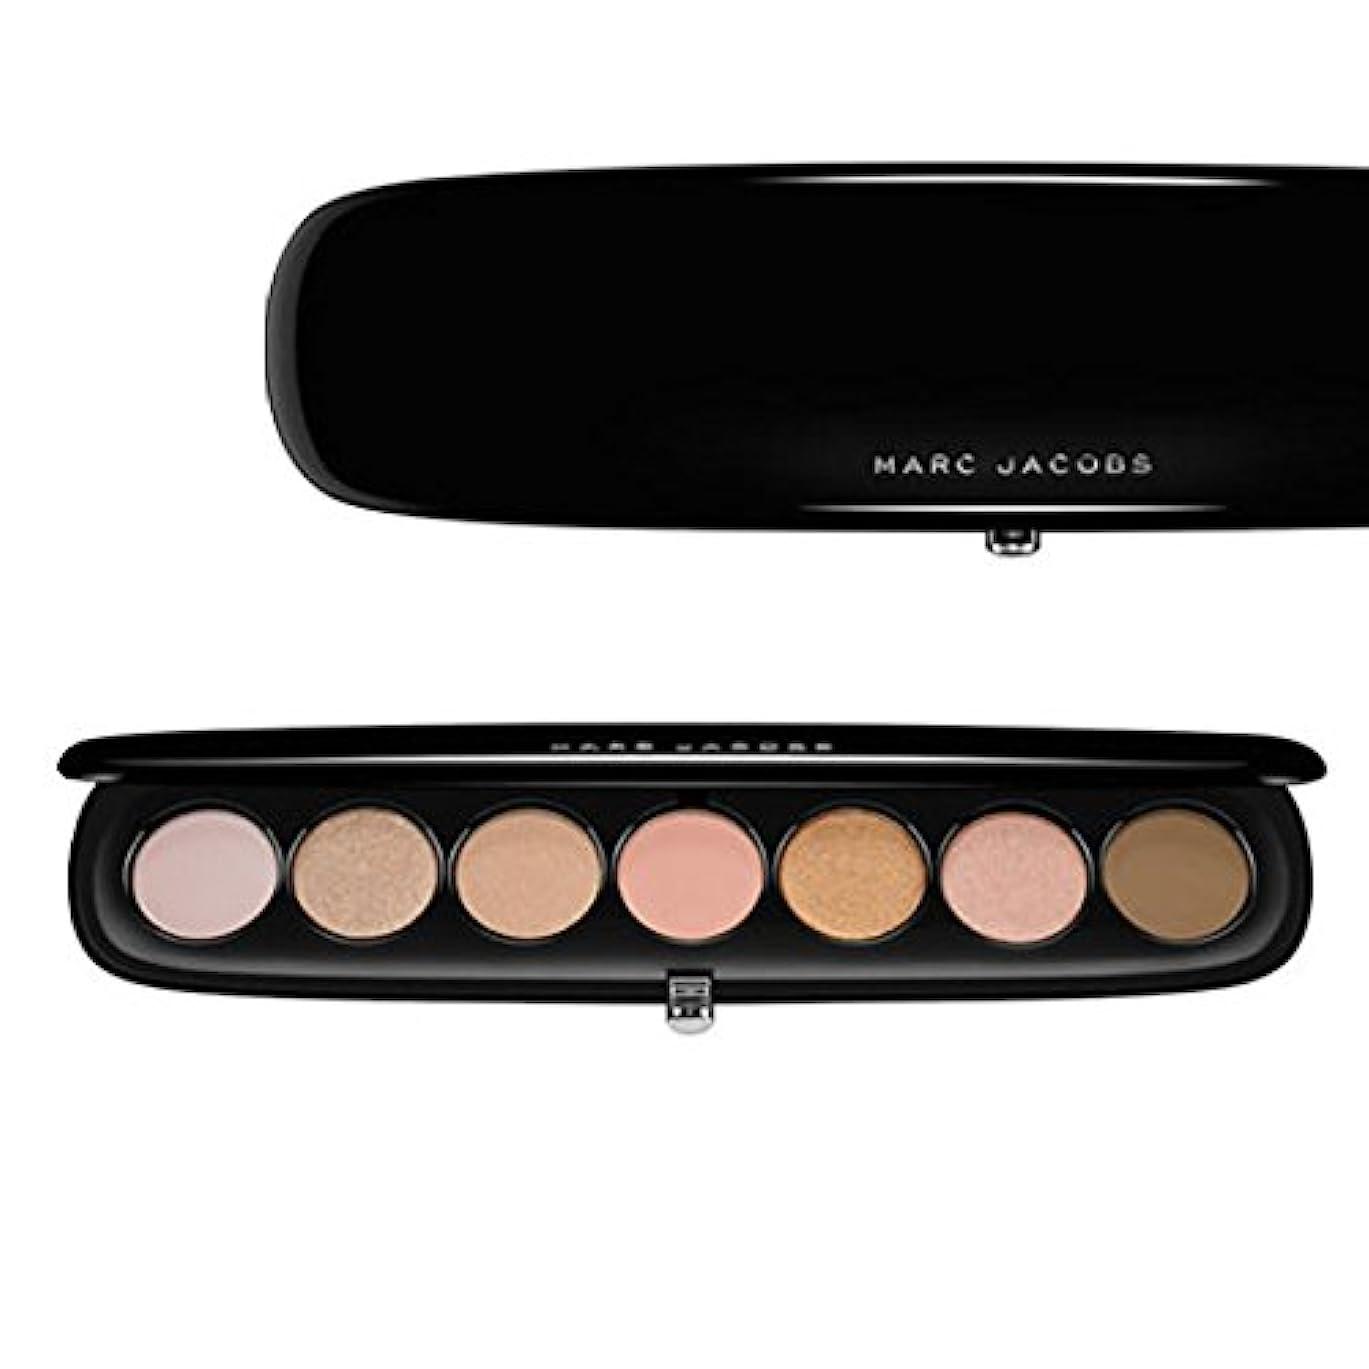 膿瘍麻酔薬何よりもMarc Jacobs Beauty, 日本未発売, Style Eye-Con No. 7 Plush Shadow - 220 The Lover (220 てぇ ぉ?ぇ r) [海外直送品] [並行輸入品]